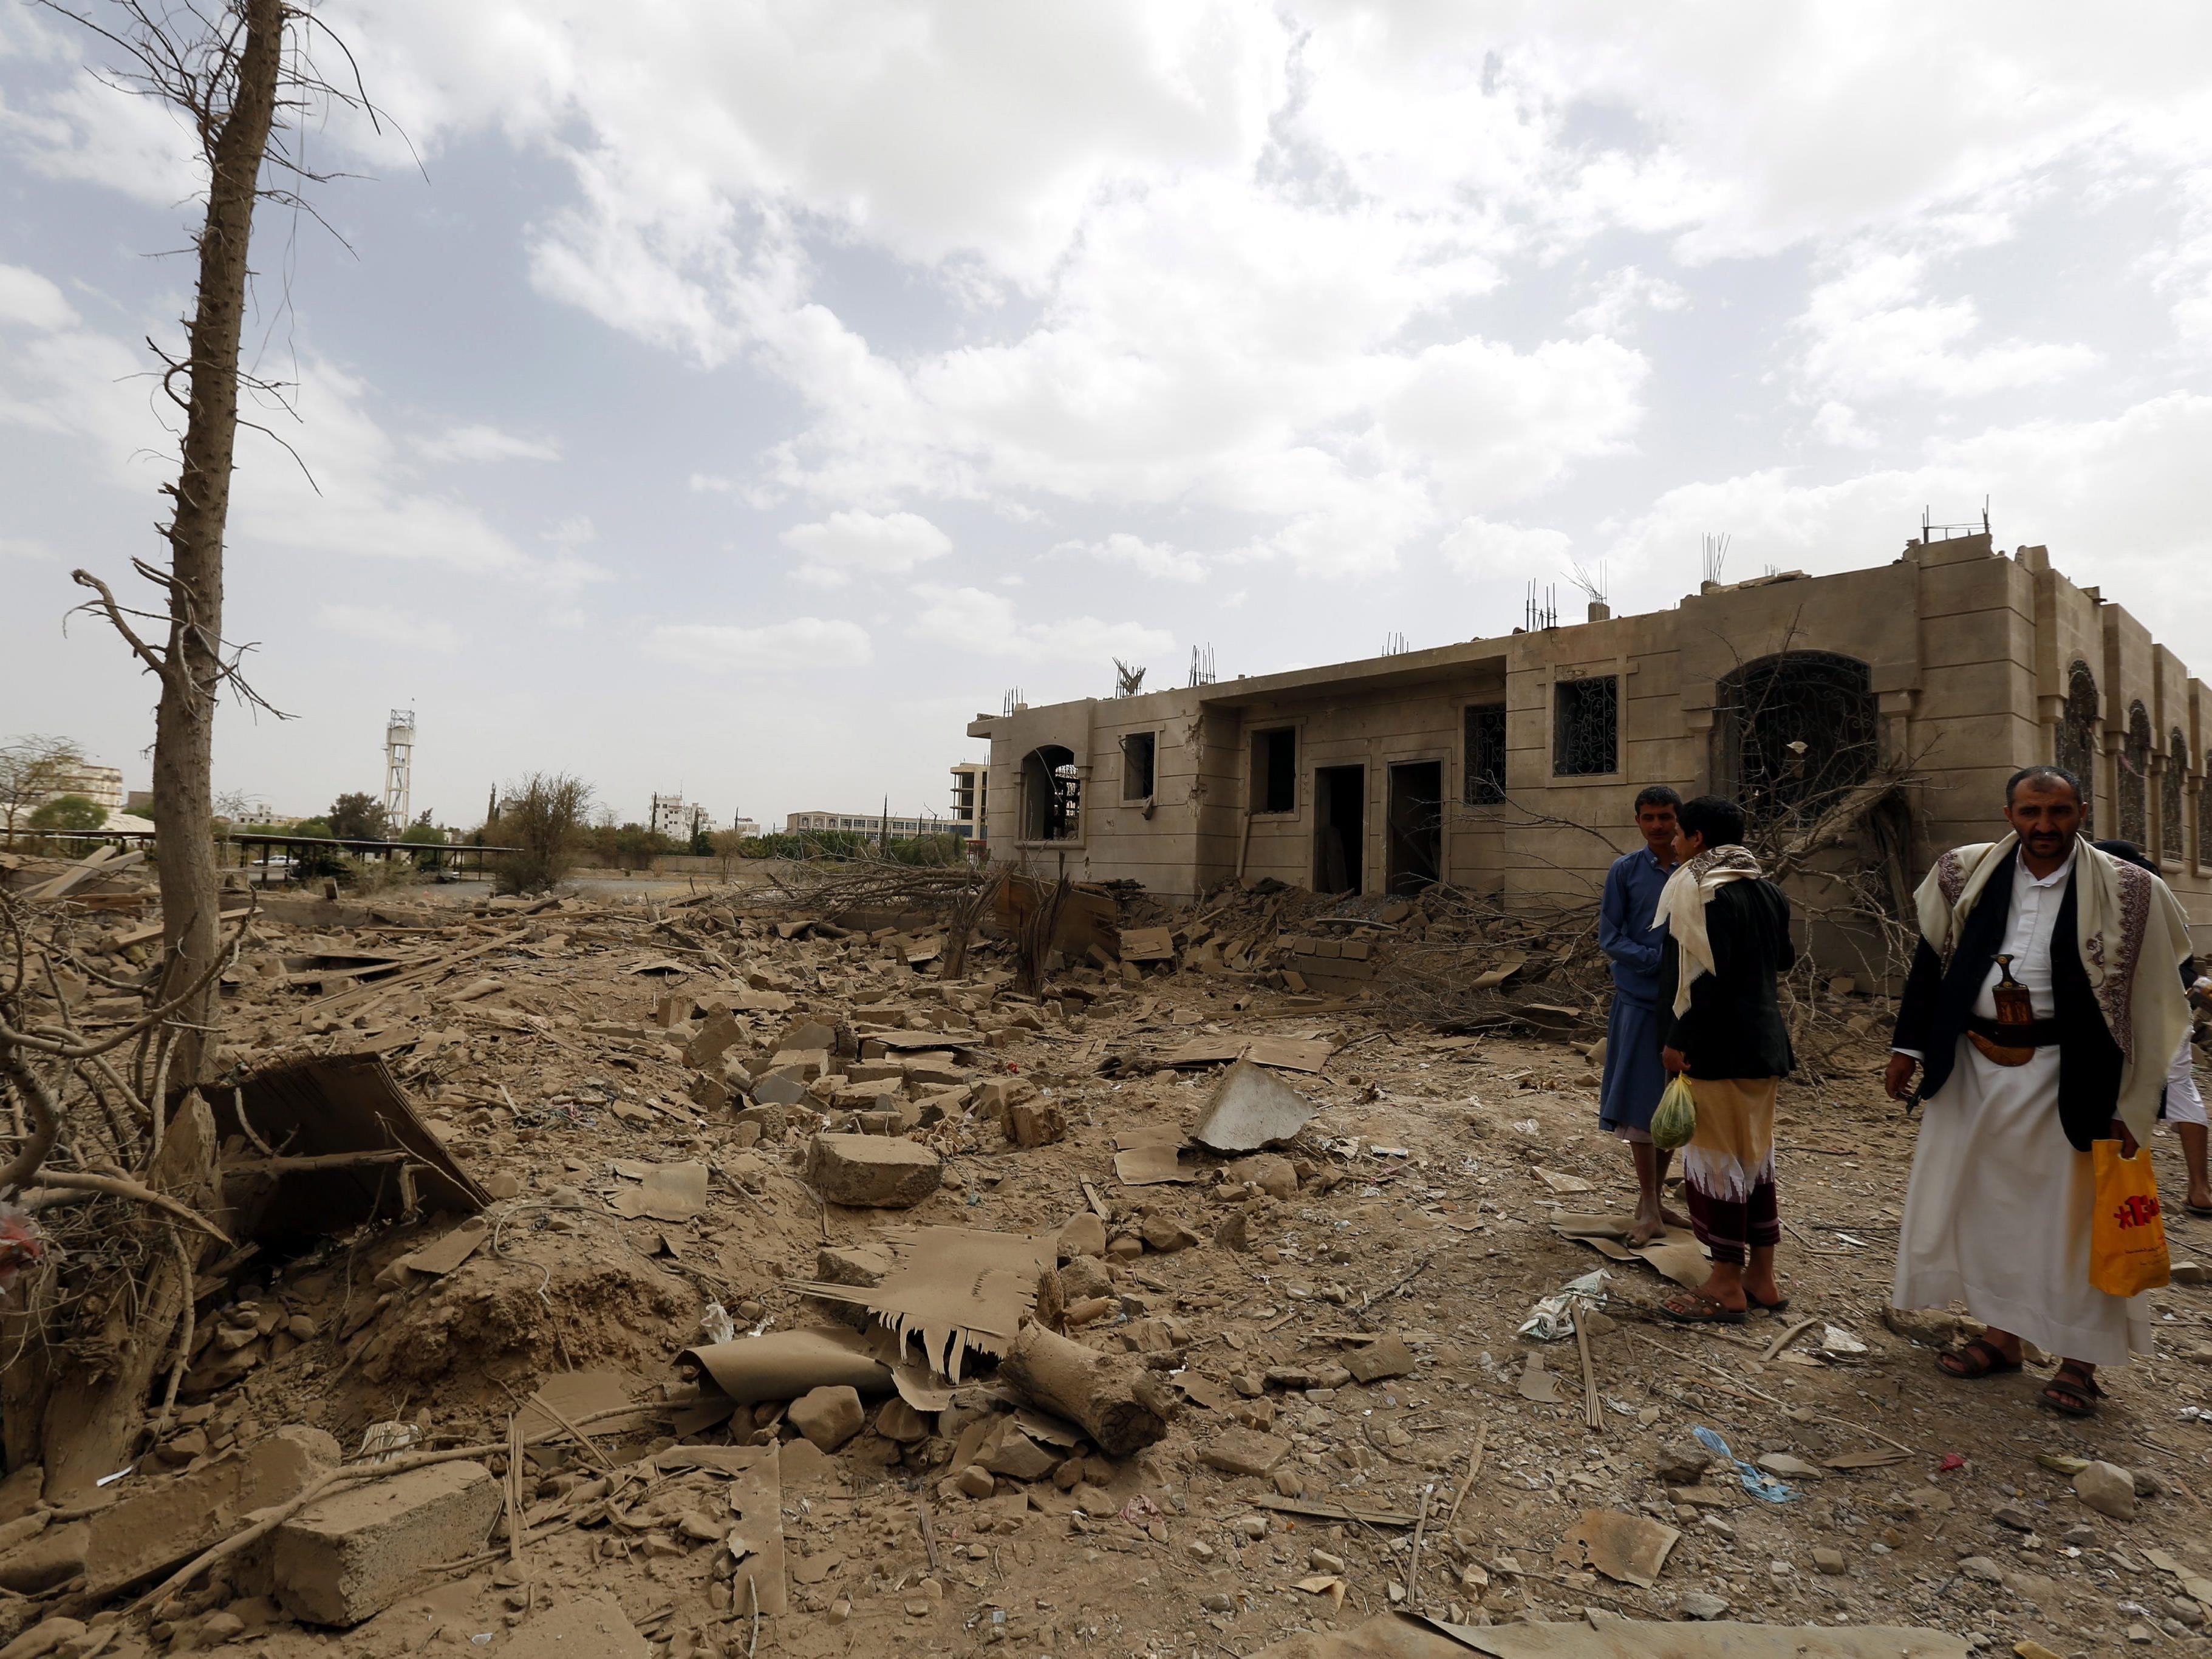 Die Rebellengruppe der Houthi aus dem Nordjemen hatte im Jänner die Hauptstadt Sanaa unter ihre Kontrolle gebracht.